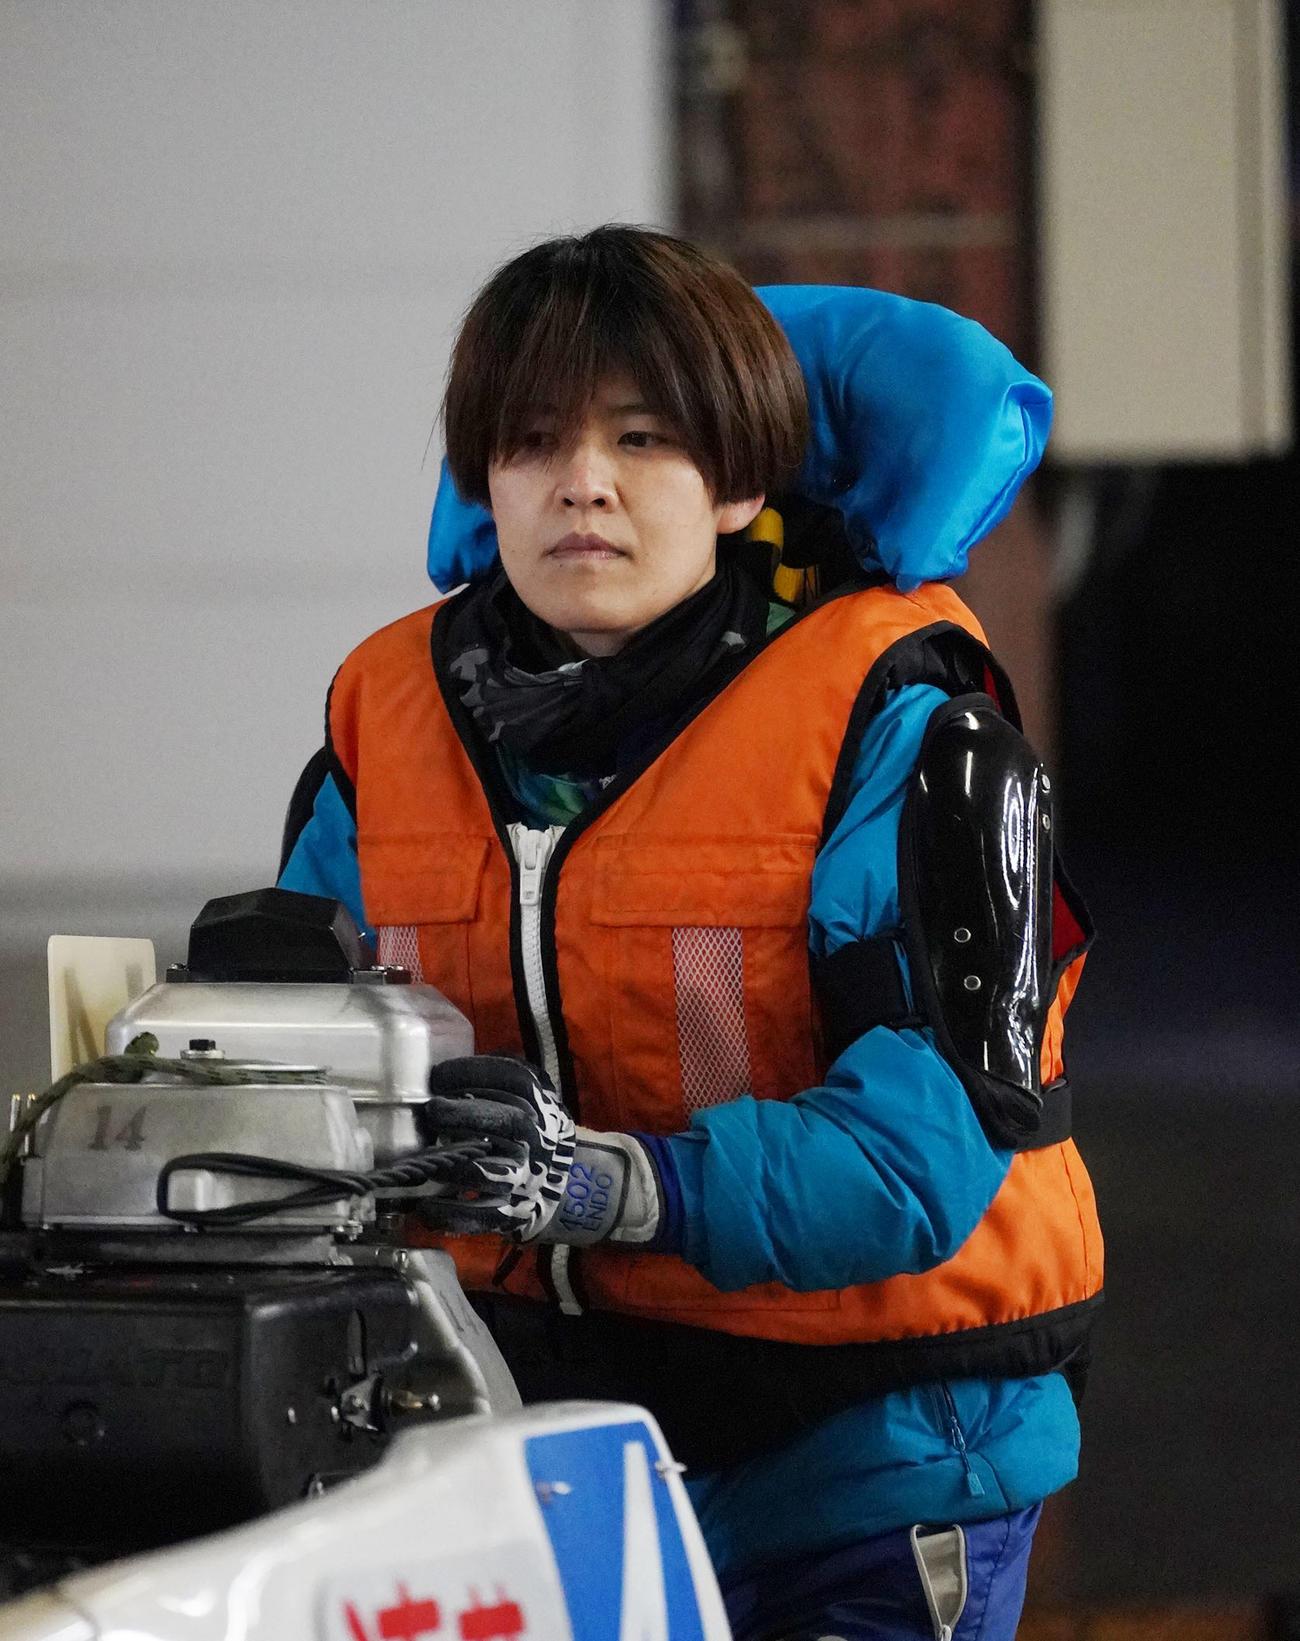 優勝戦4枠を得た遠藤エミ(2021年1月12日撮影)